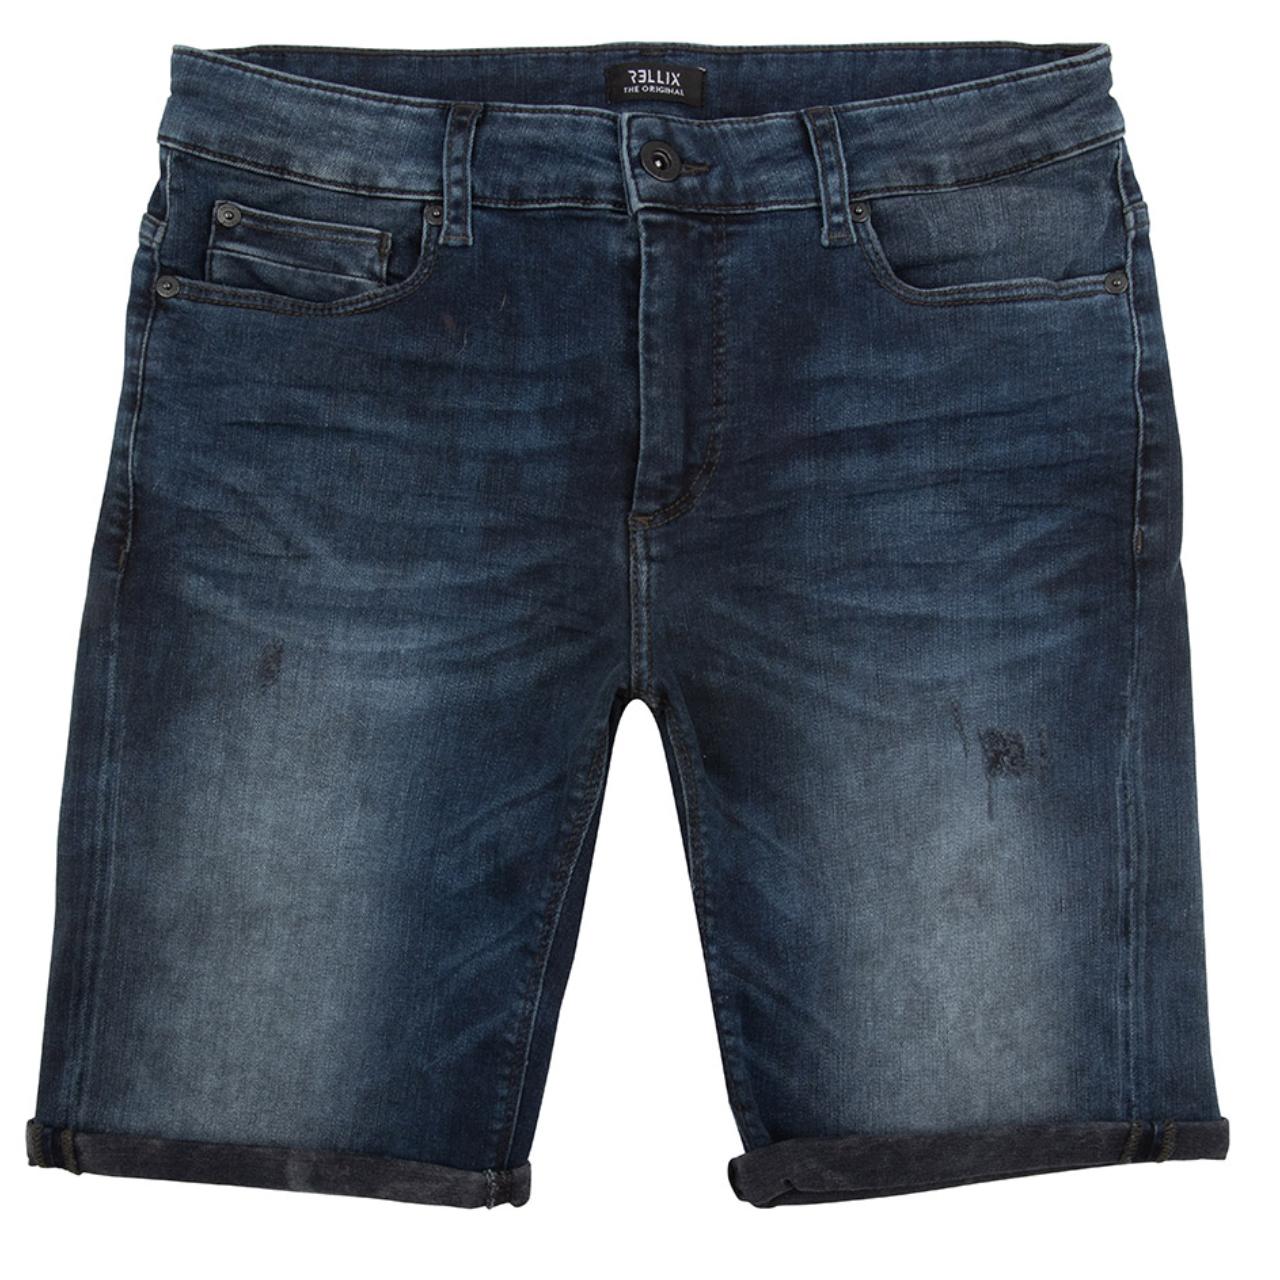 Rellix Rlx-3-b6503 Jeans - in Jongens